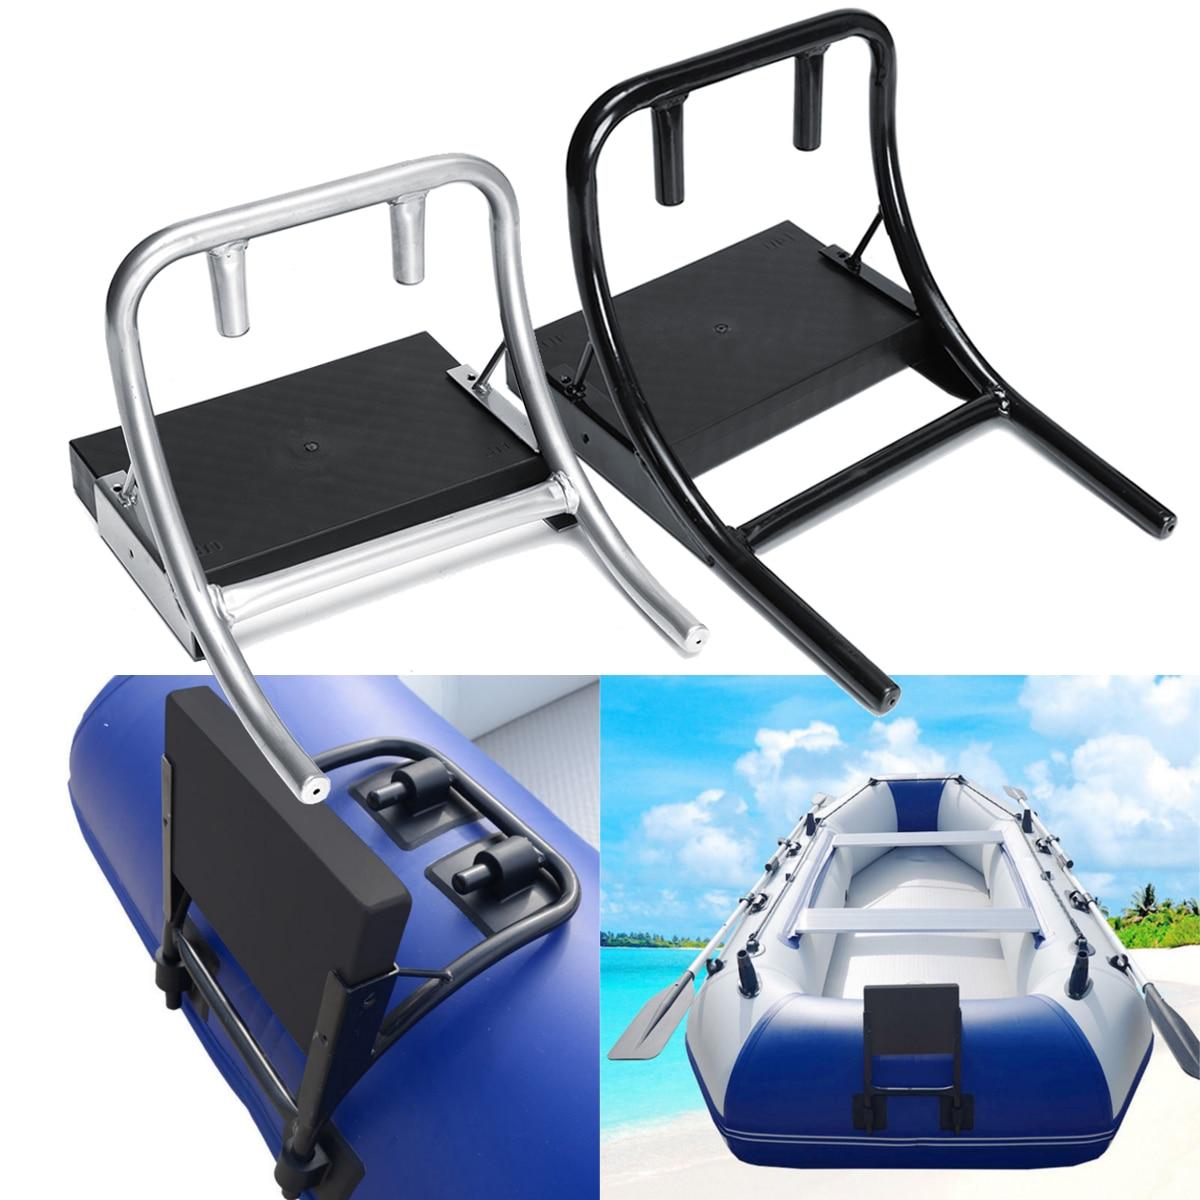 Двигатель повесить кронштейн небольшой Поддержка для 1,75/2 м надувные рыбацкая лодка резиновые лодки